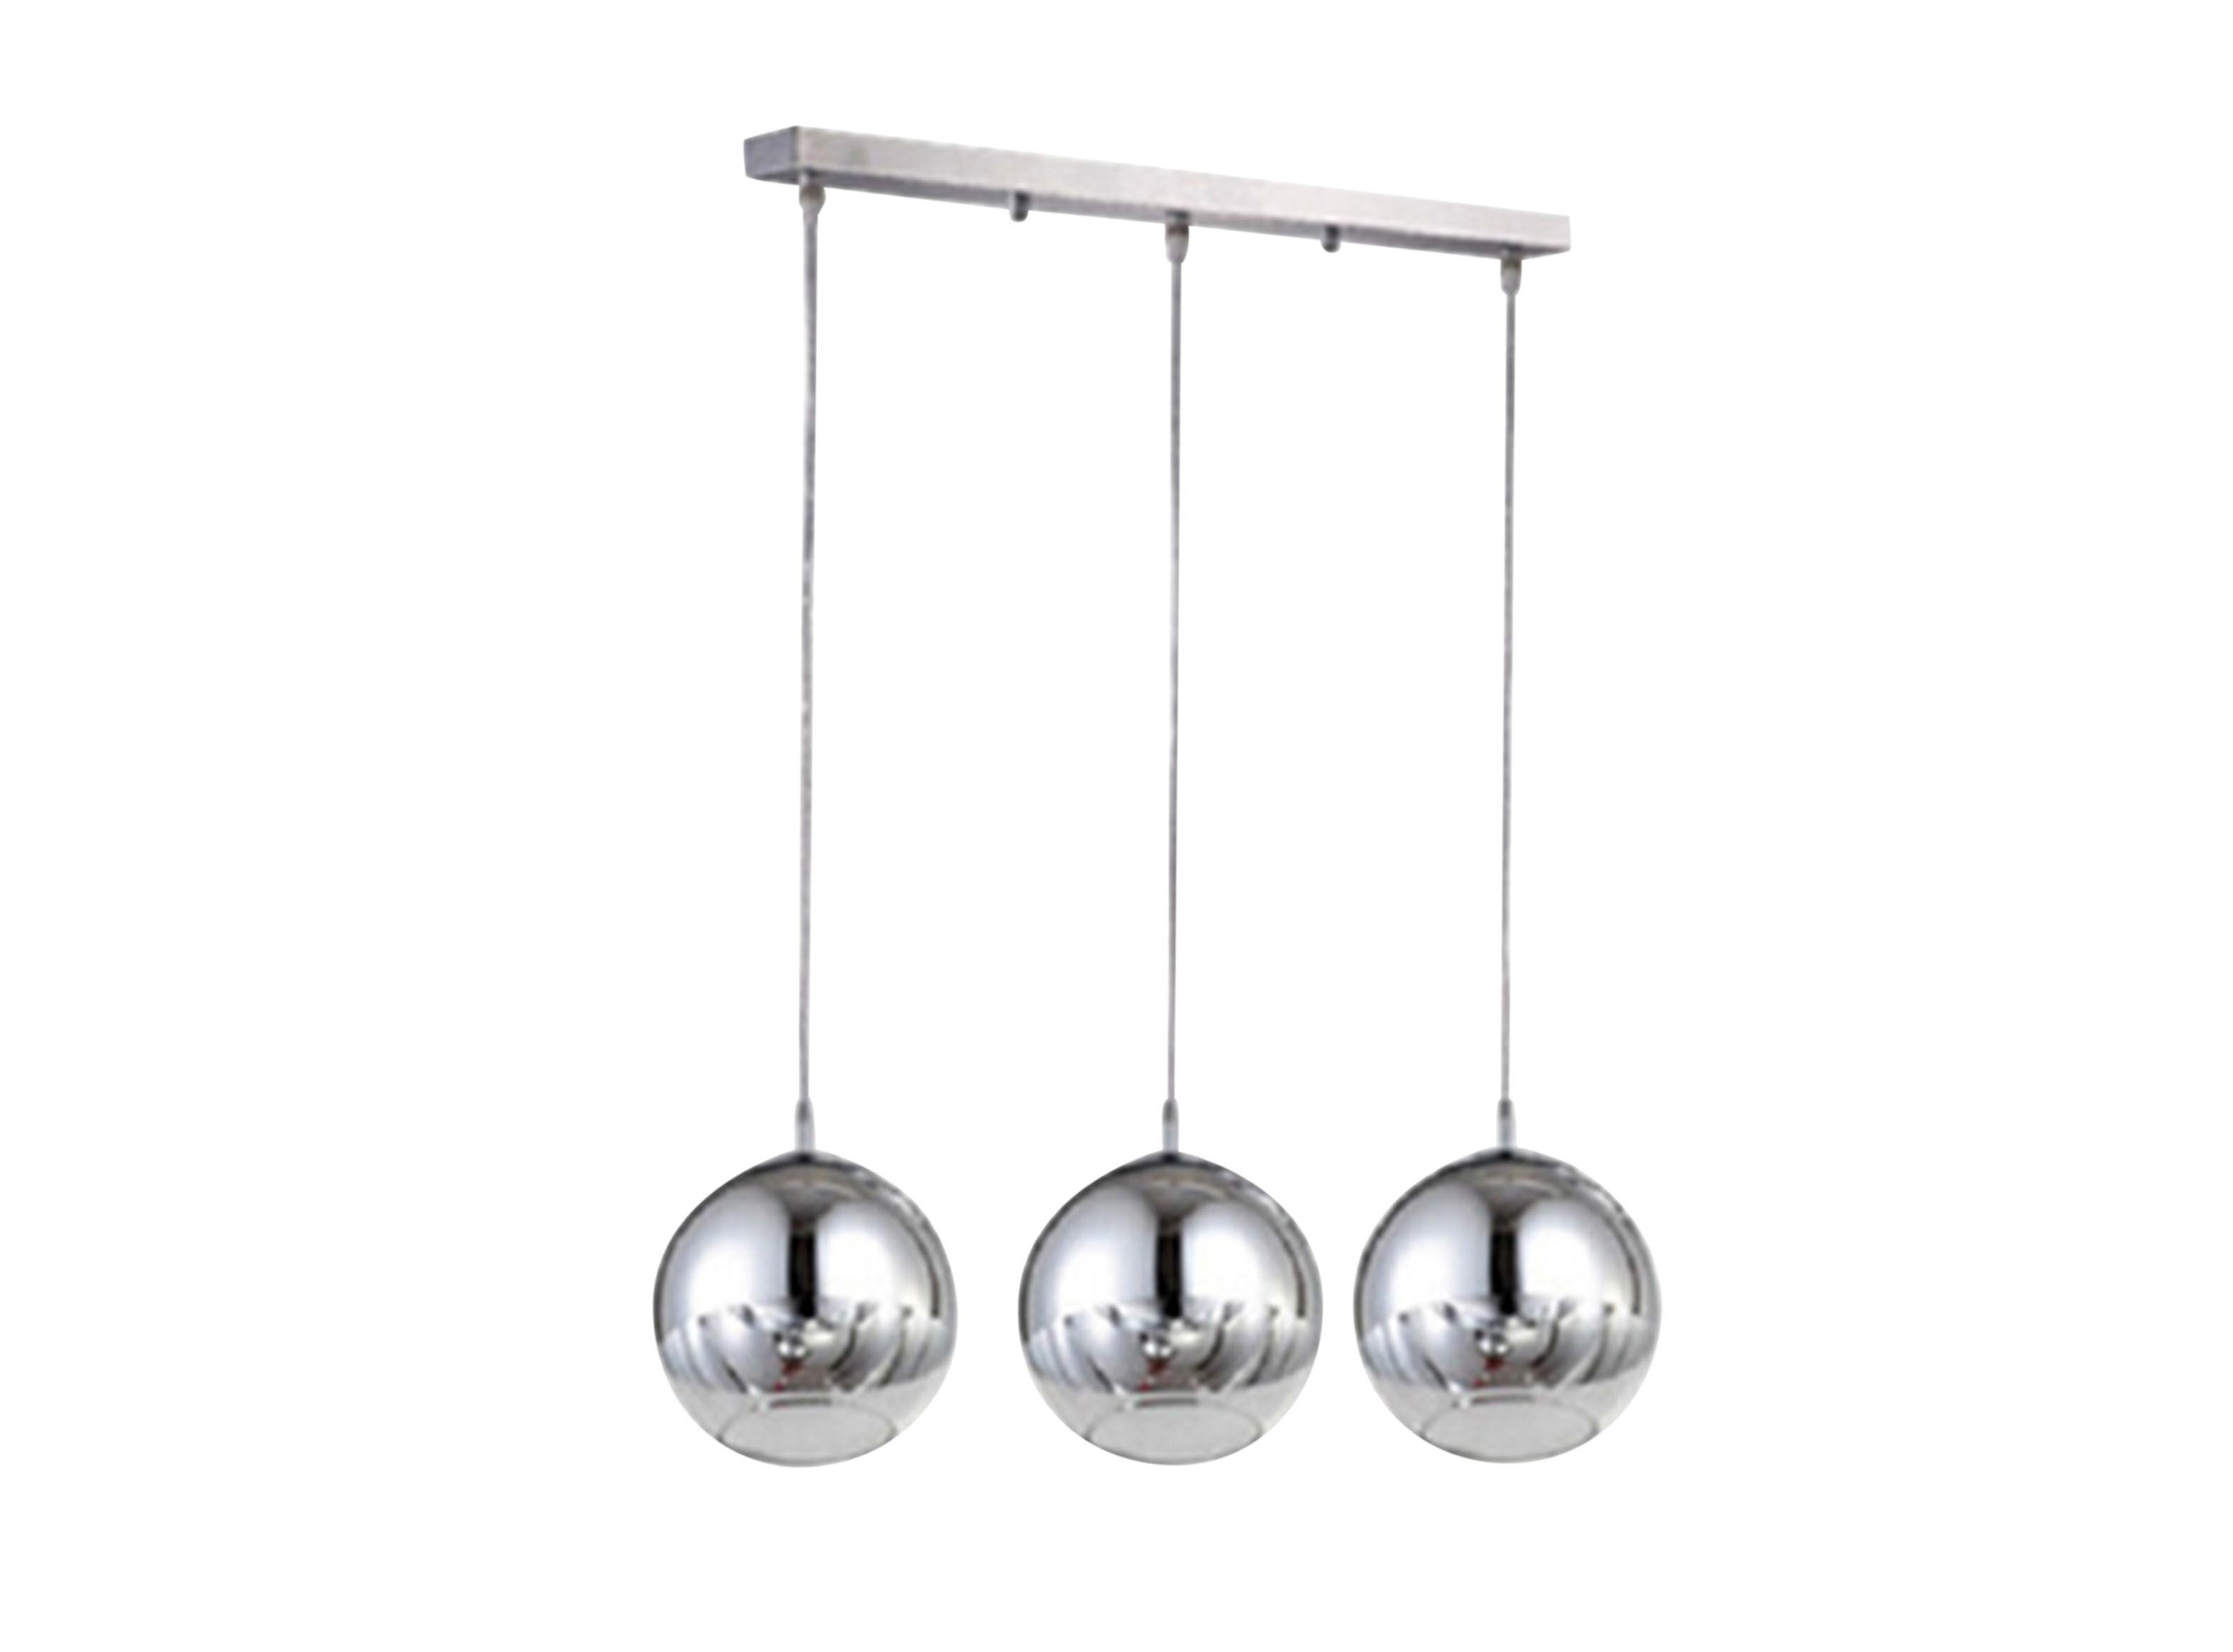 23 x Esferas Lámpara Colgante Tempora 63 63 Vidrio cm x DYW9eEH2bI